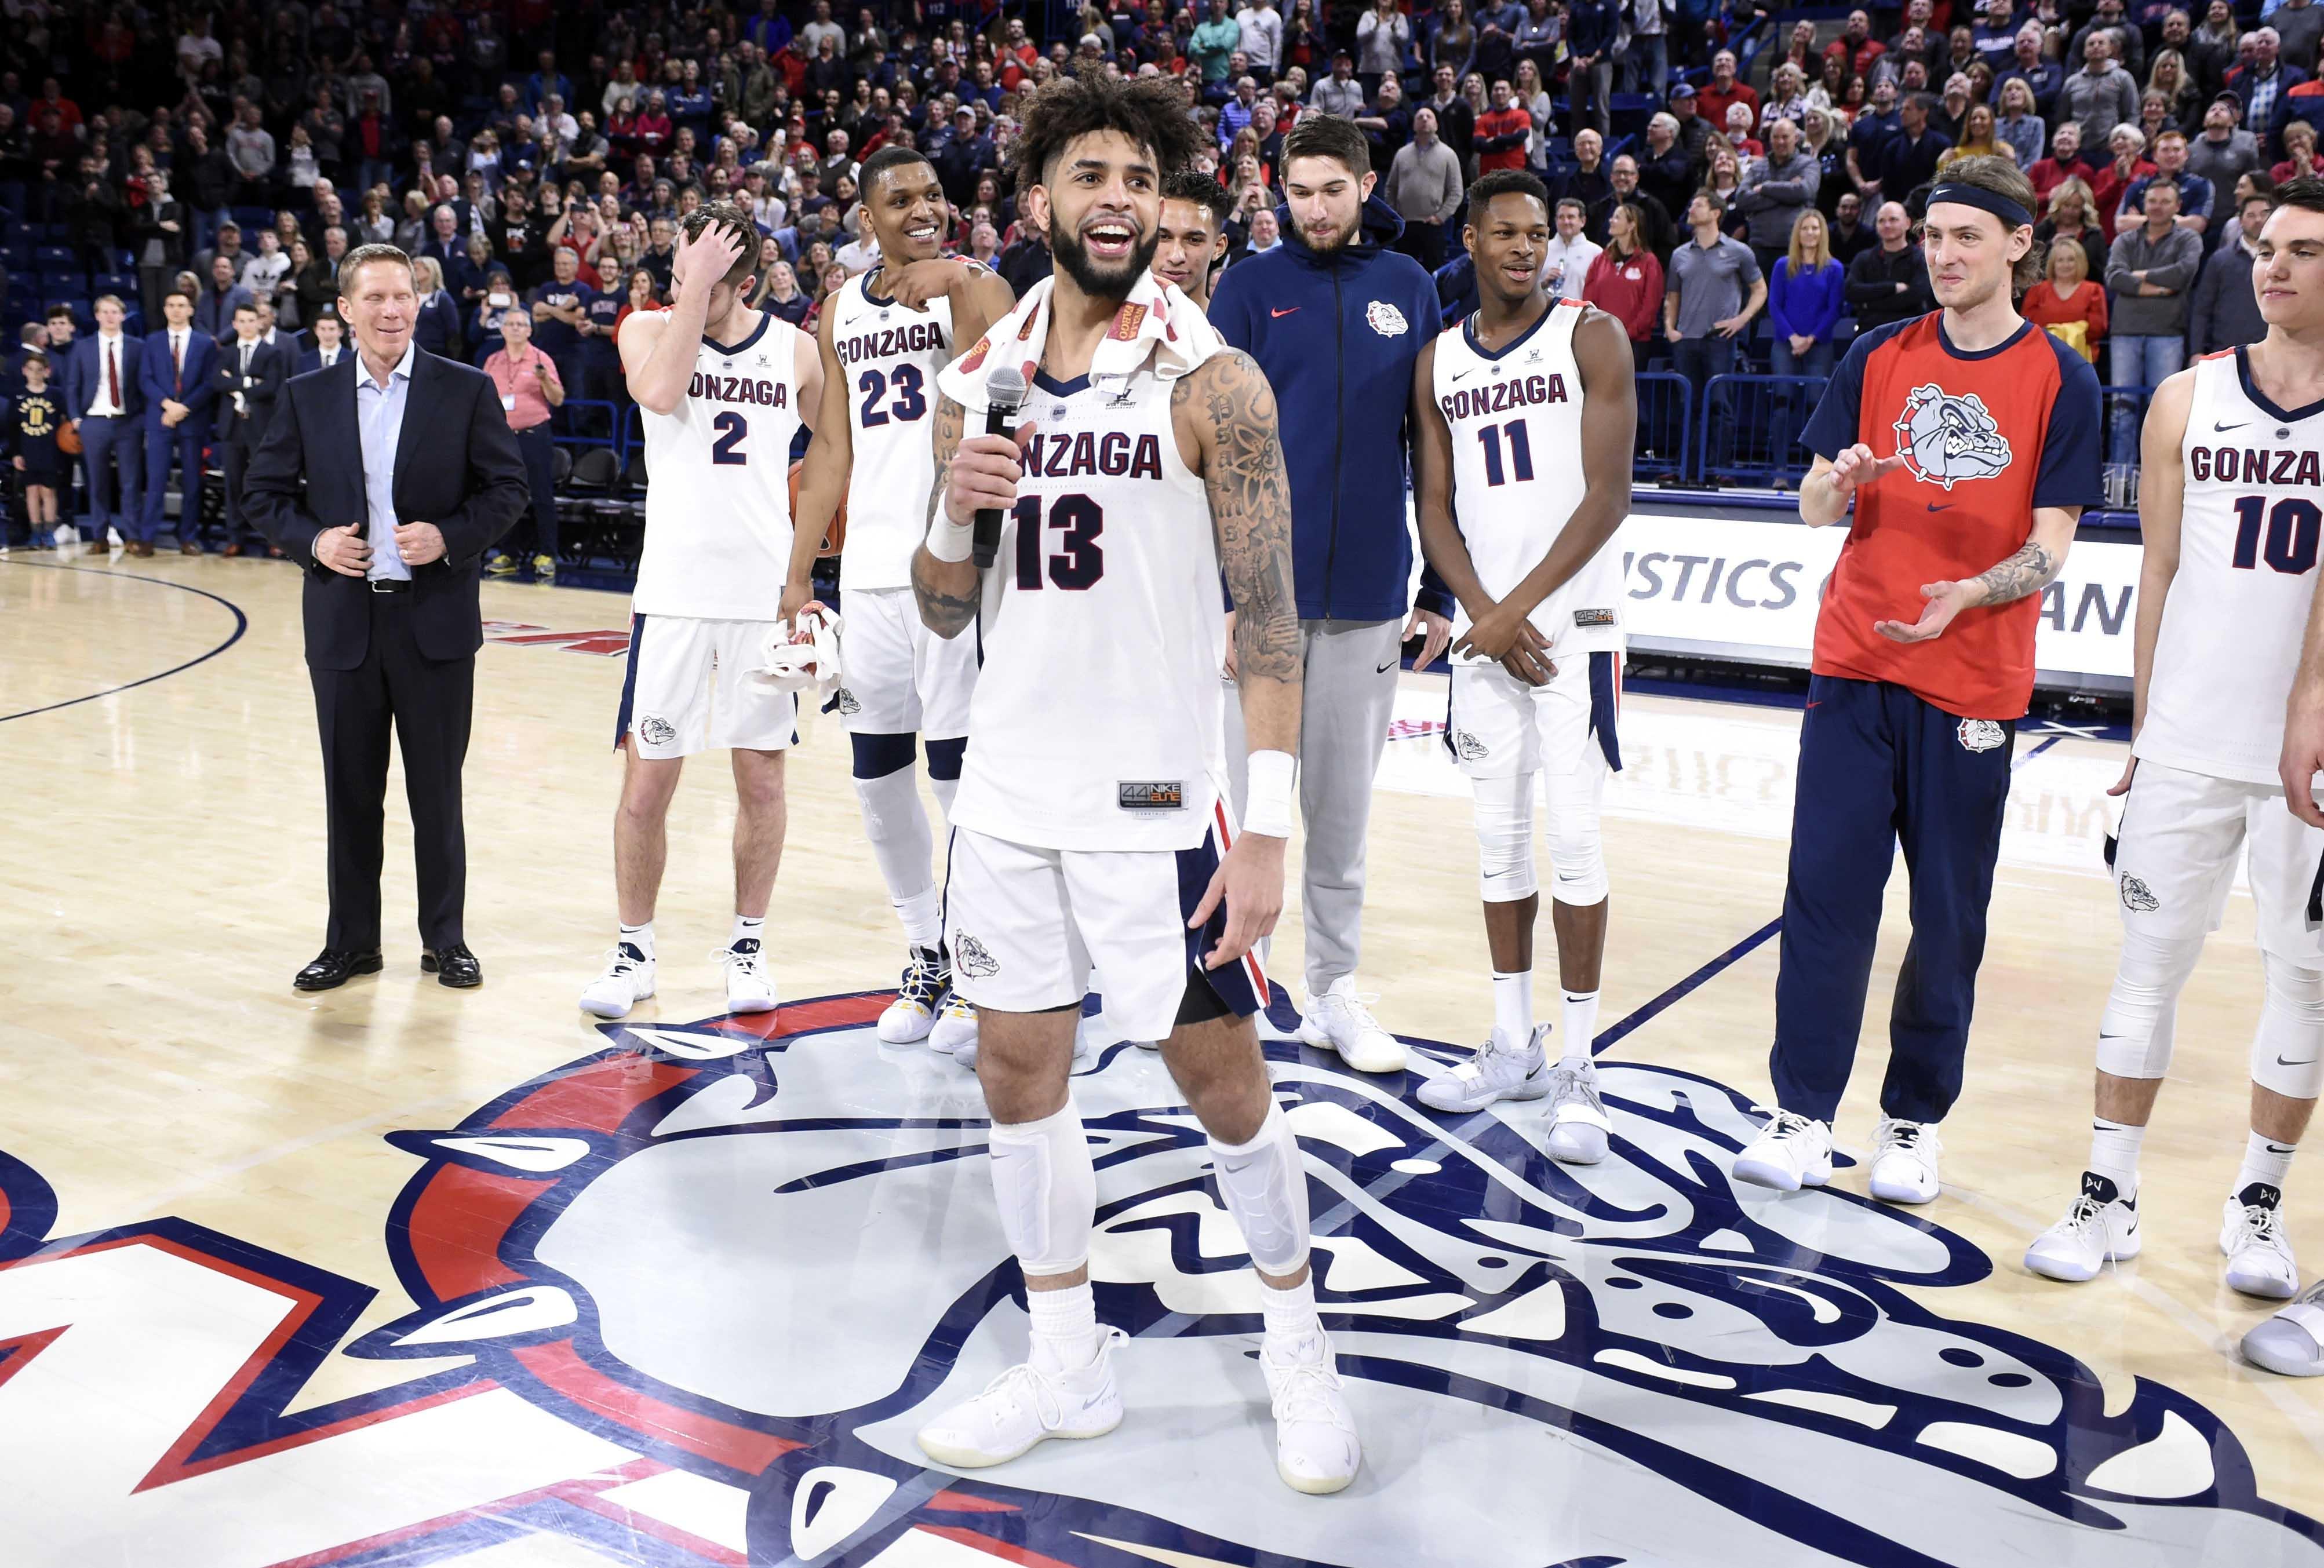 NCAA Basketball: Brigham Young at Gonzaga